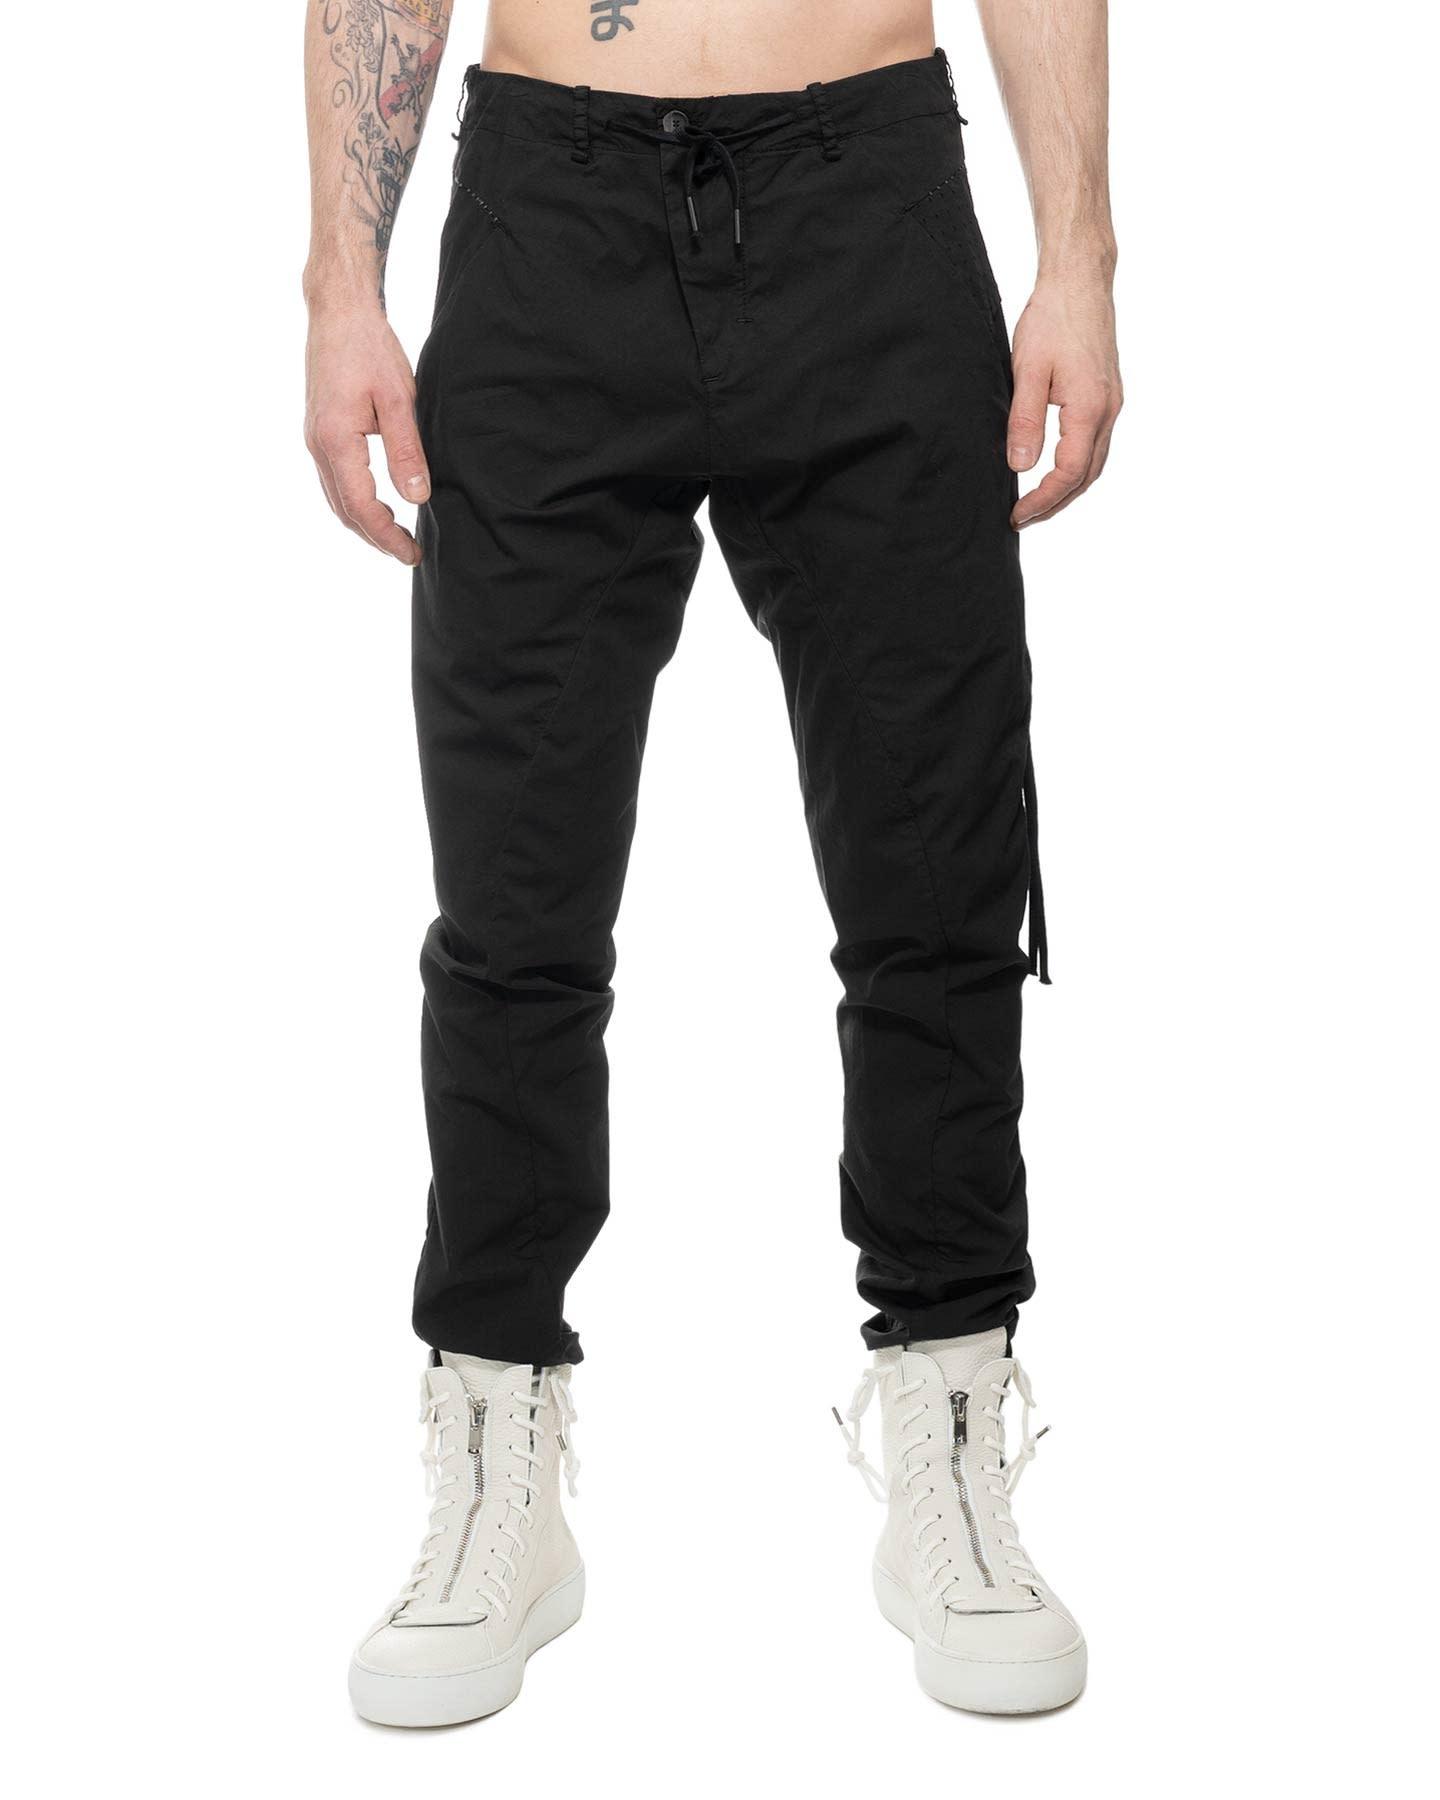 MISHAP PANTS - BLACK